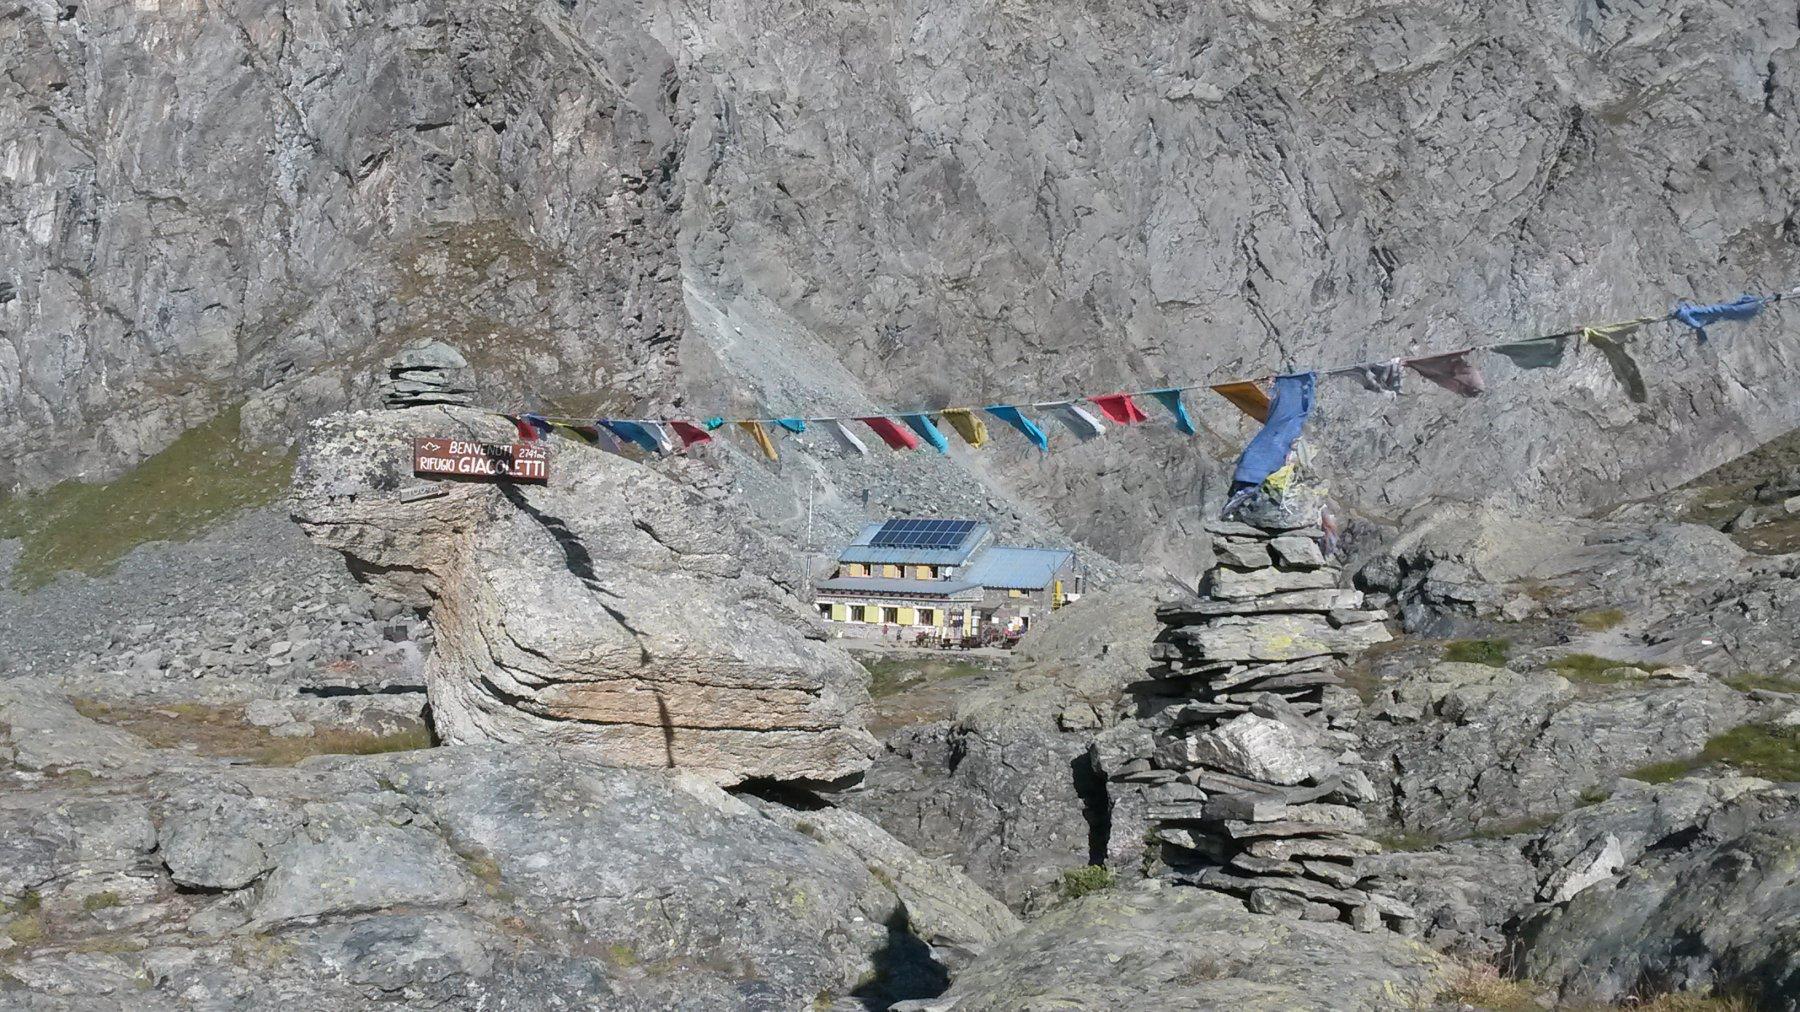 accoglienza al rifugio in stile Himalayano